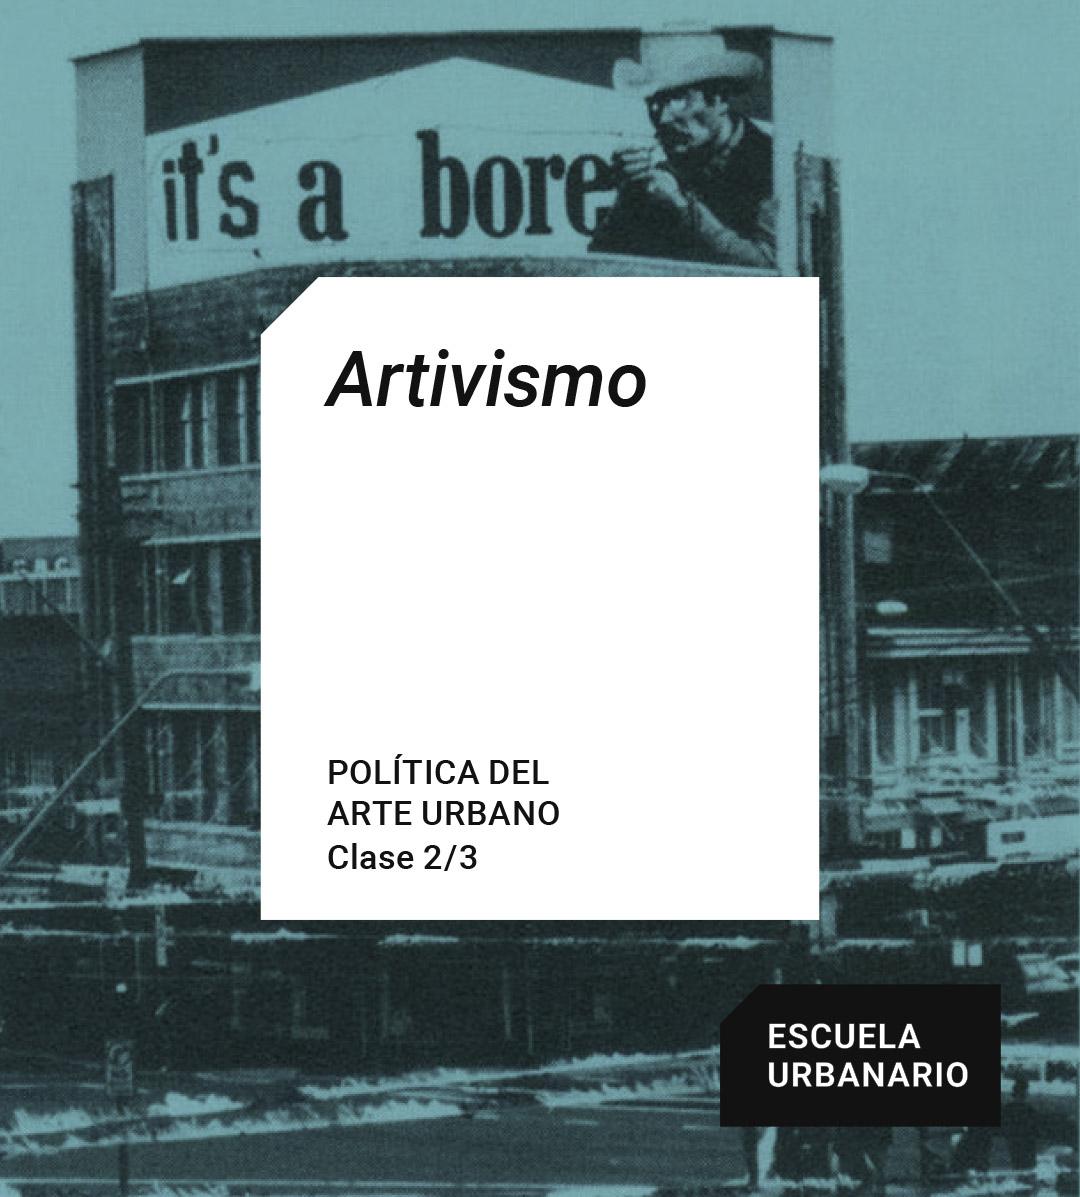 Artivismo - Escuela Urbanario